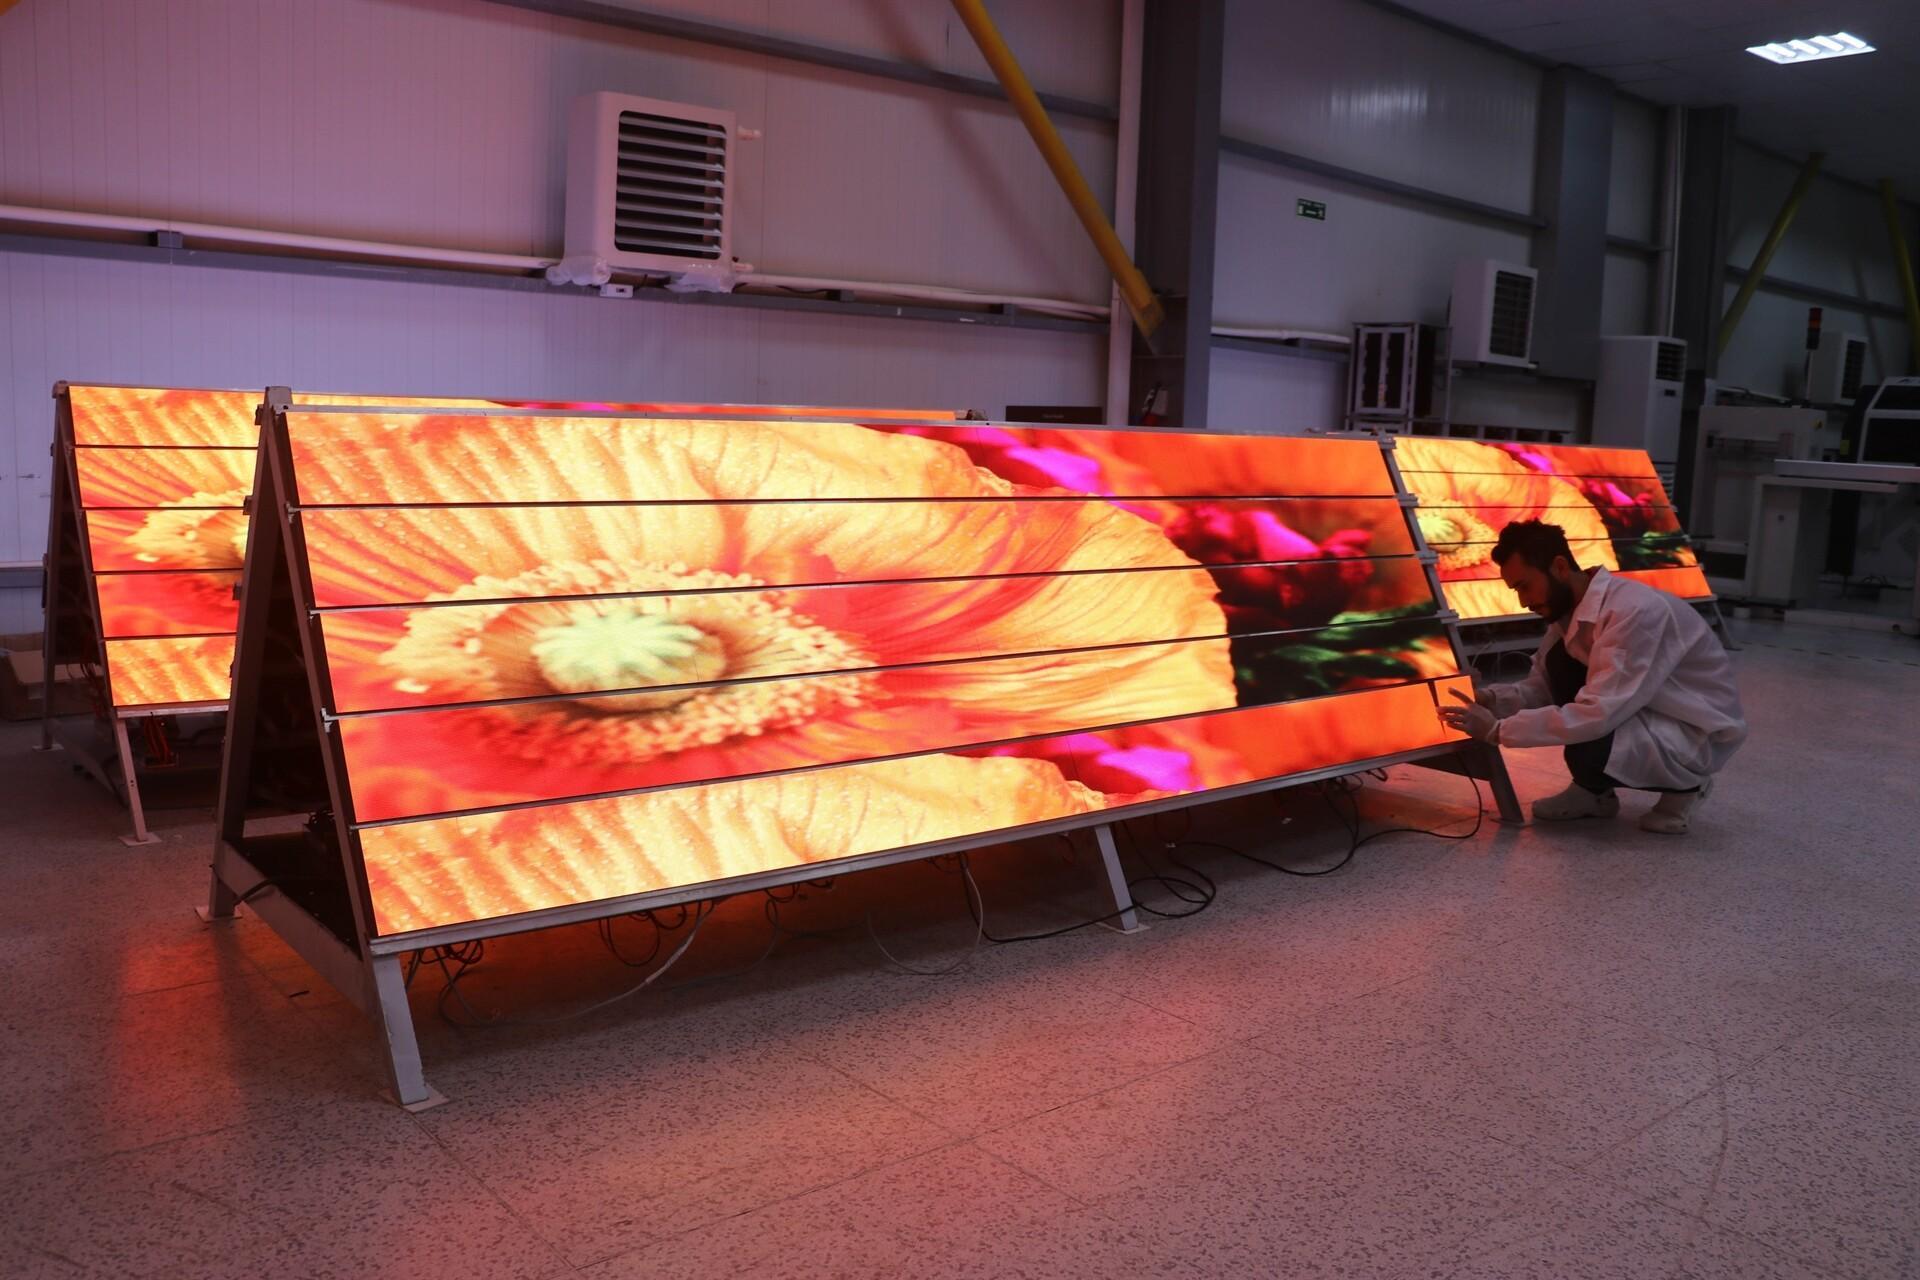 İstanbul Yeni Havalimanı'nın LED ekranları Amasya'dan